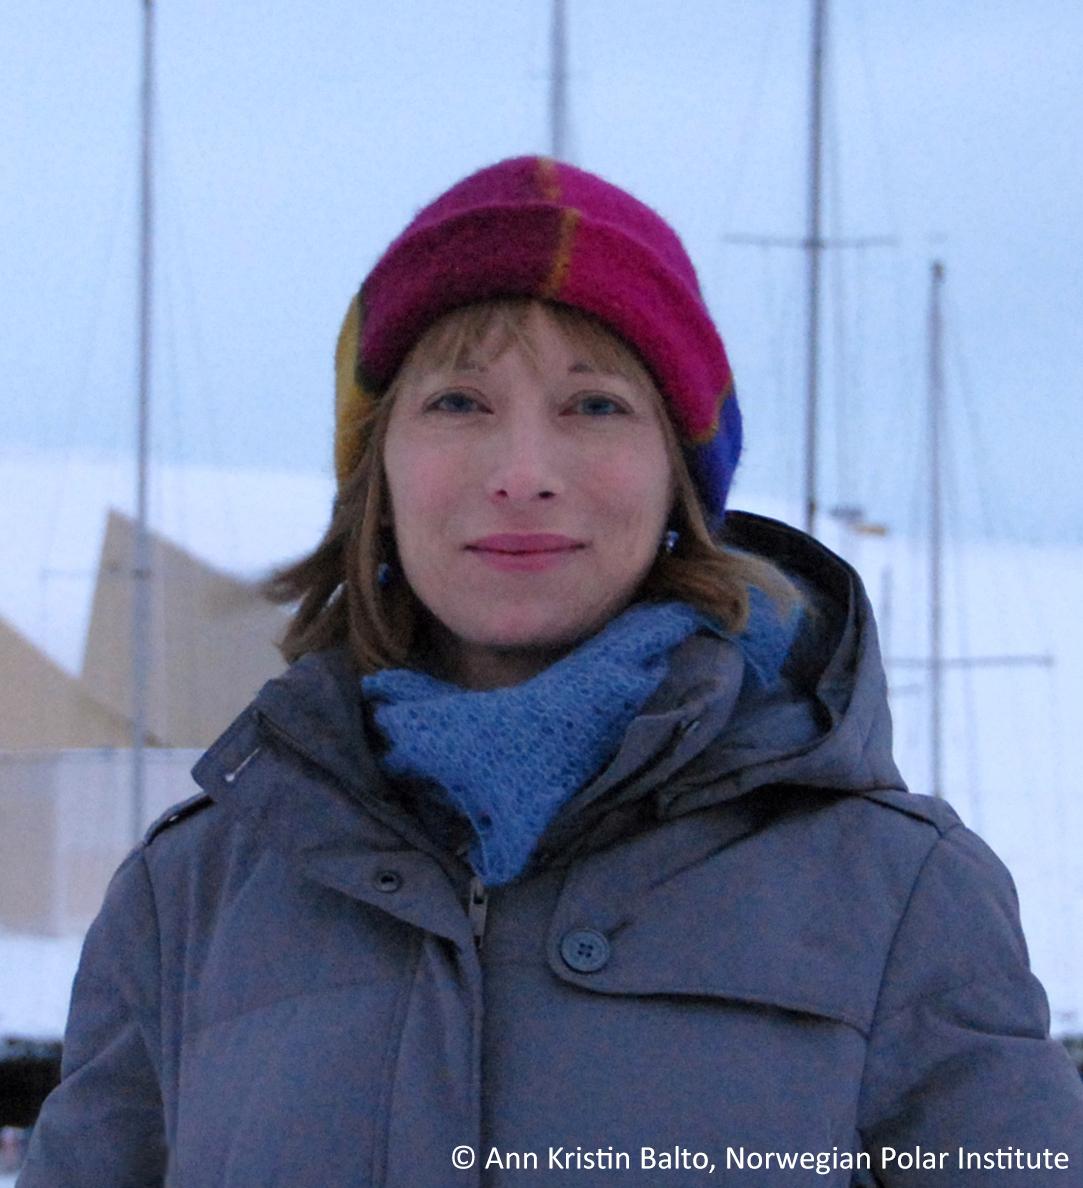 《极地研究》期刊的主编Helle V. Goldman博士谈值得同行评审的论文、期刊决策、以及审稿周期